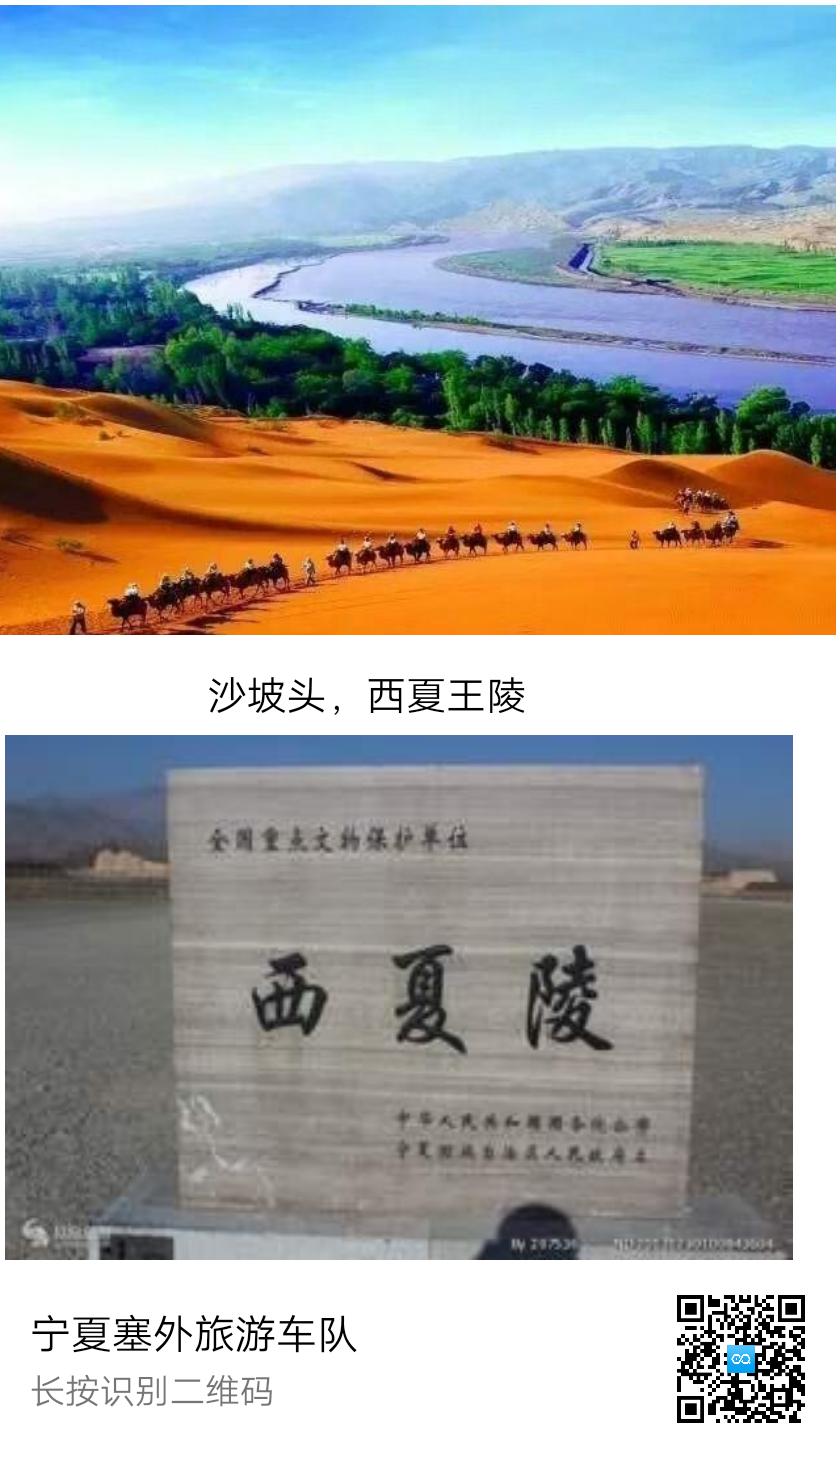 宁夏塞外旅游车队